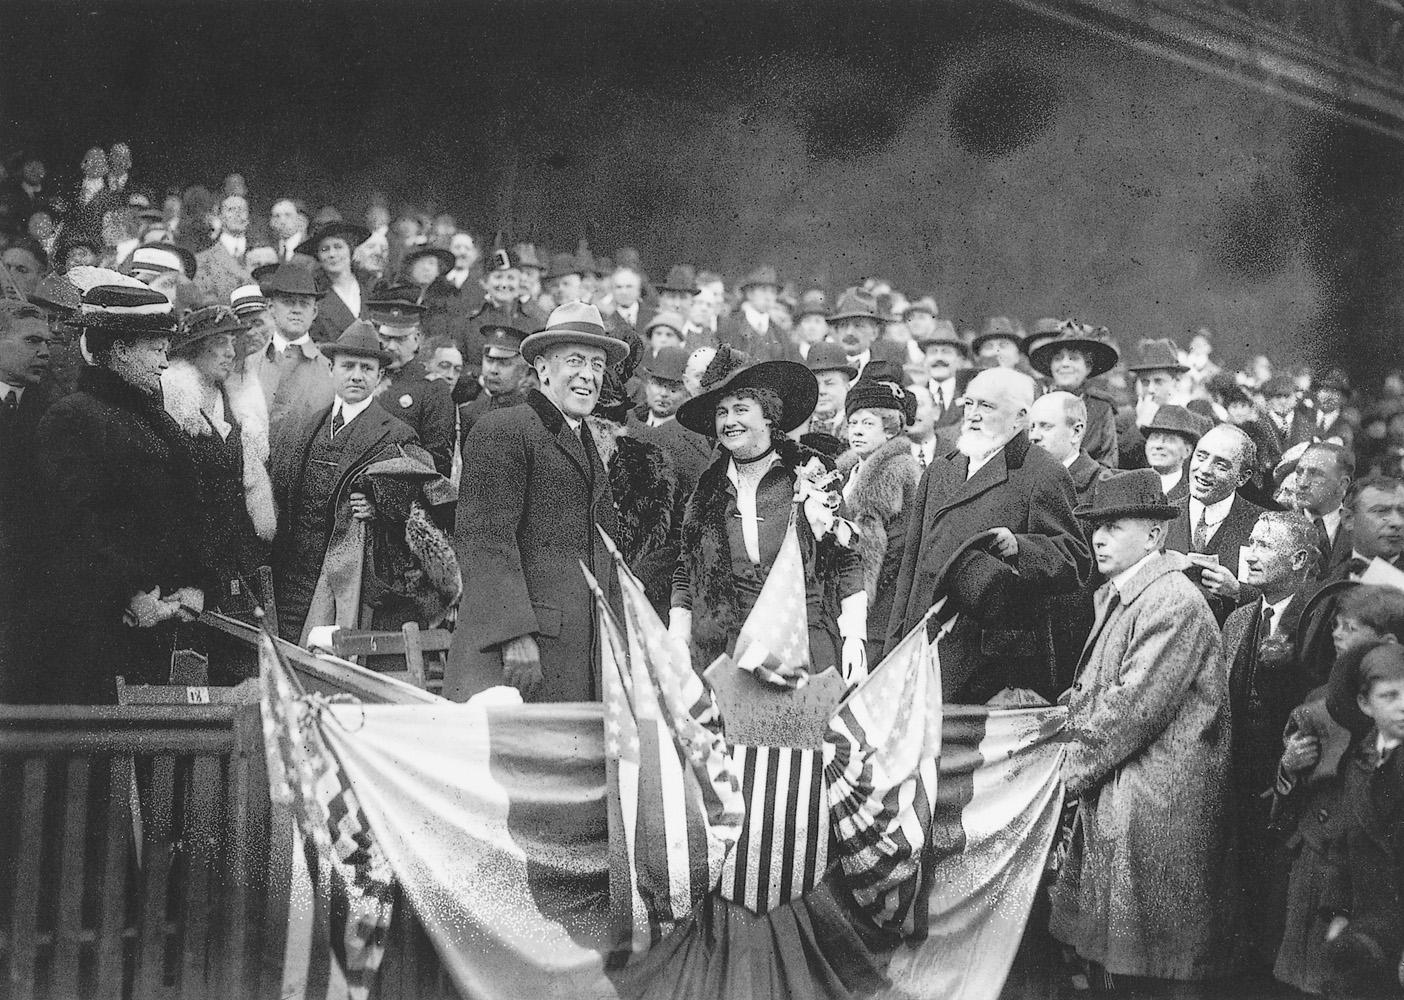 Woodrow Wilson, Baker Bowl, Philadelphia, October 9, 1915.